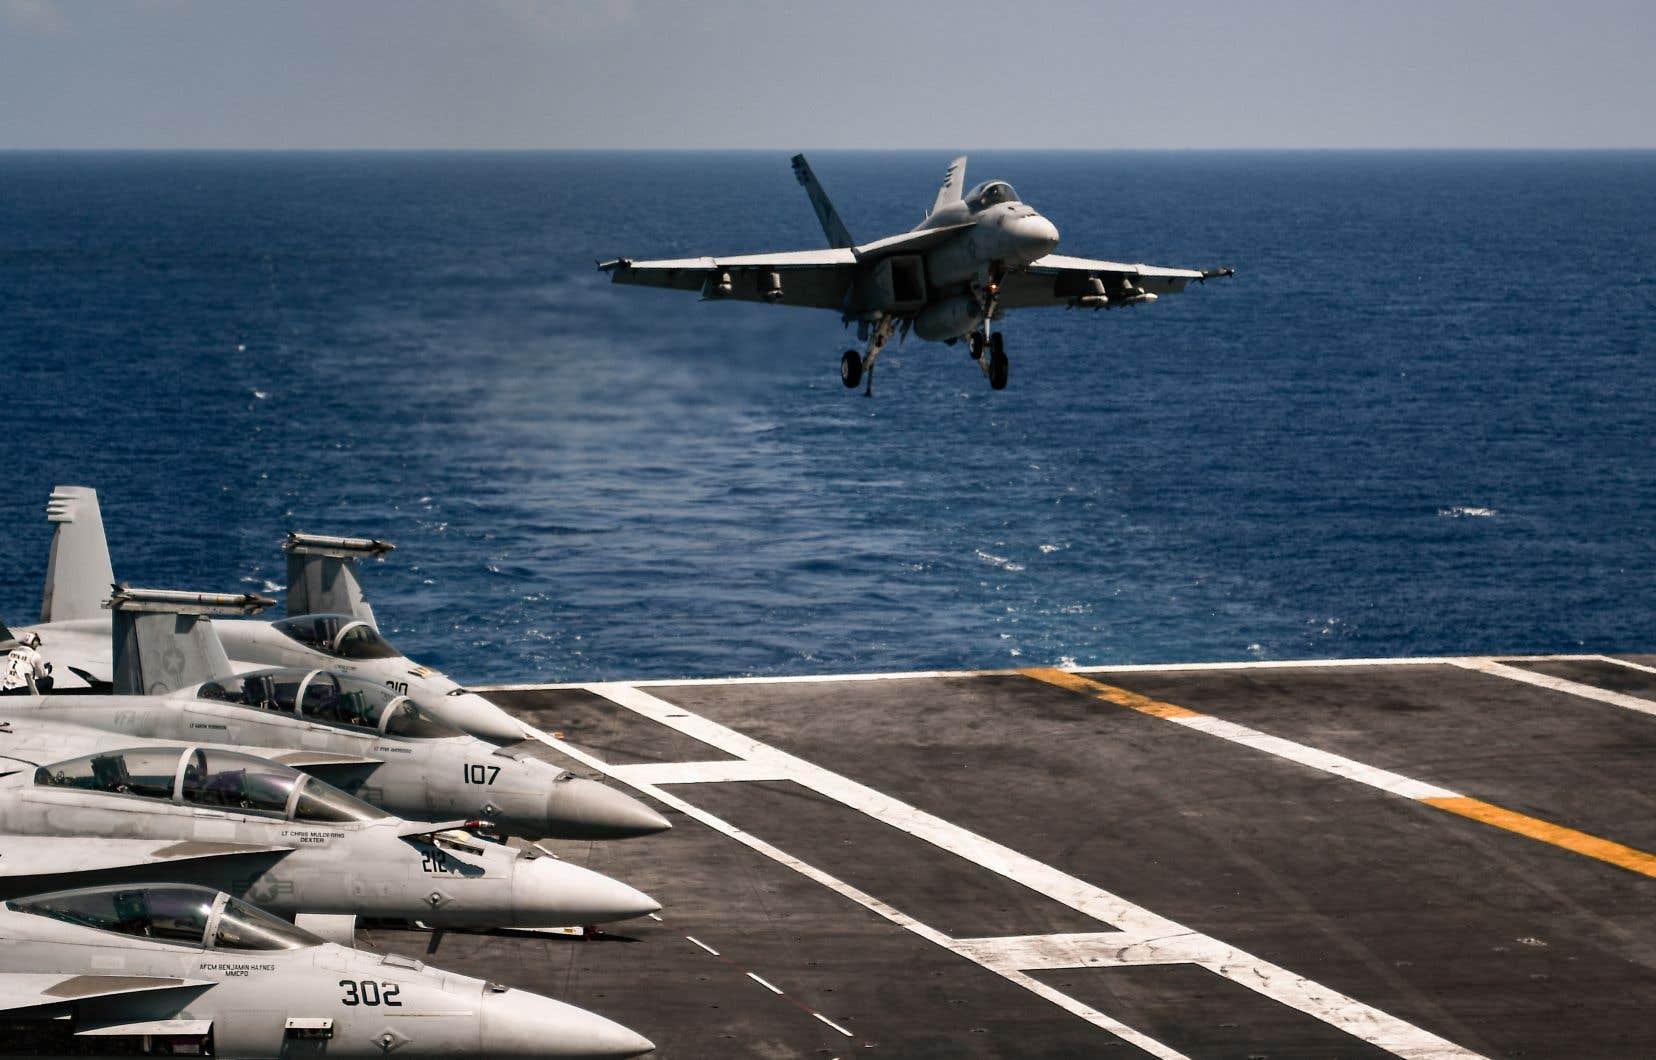 En février, la coalition dirigée par les États-Unis avait mené des frappes aériennes dans la province de Deir Ezzor qui ont tué au moins 100 combattants pro-gouvernementaux.